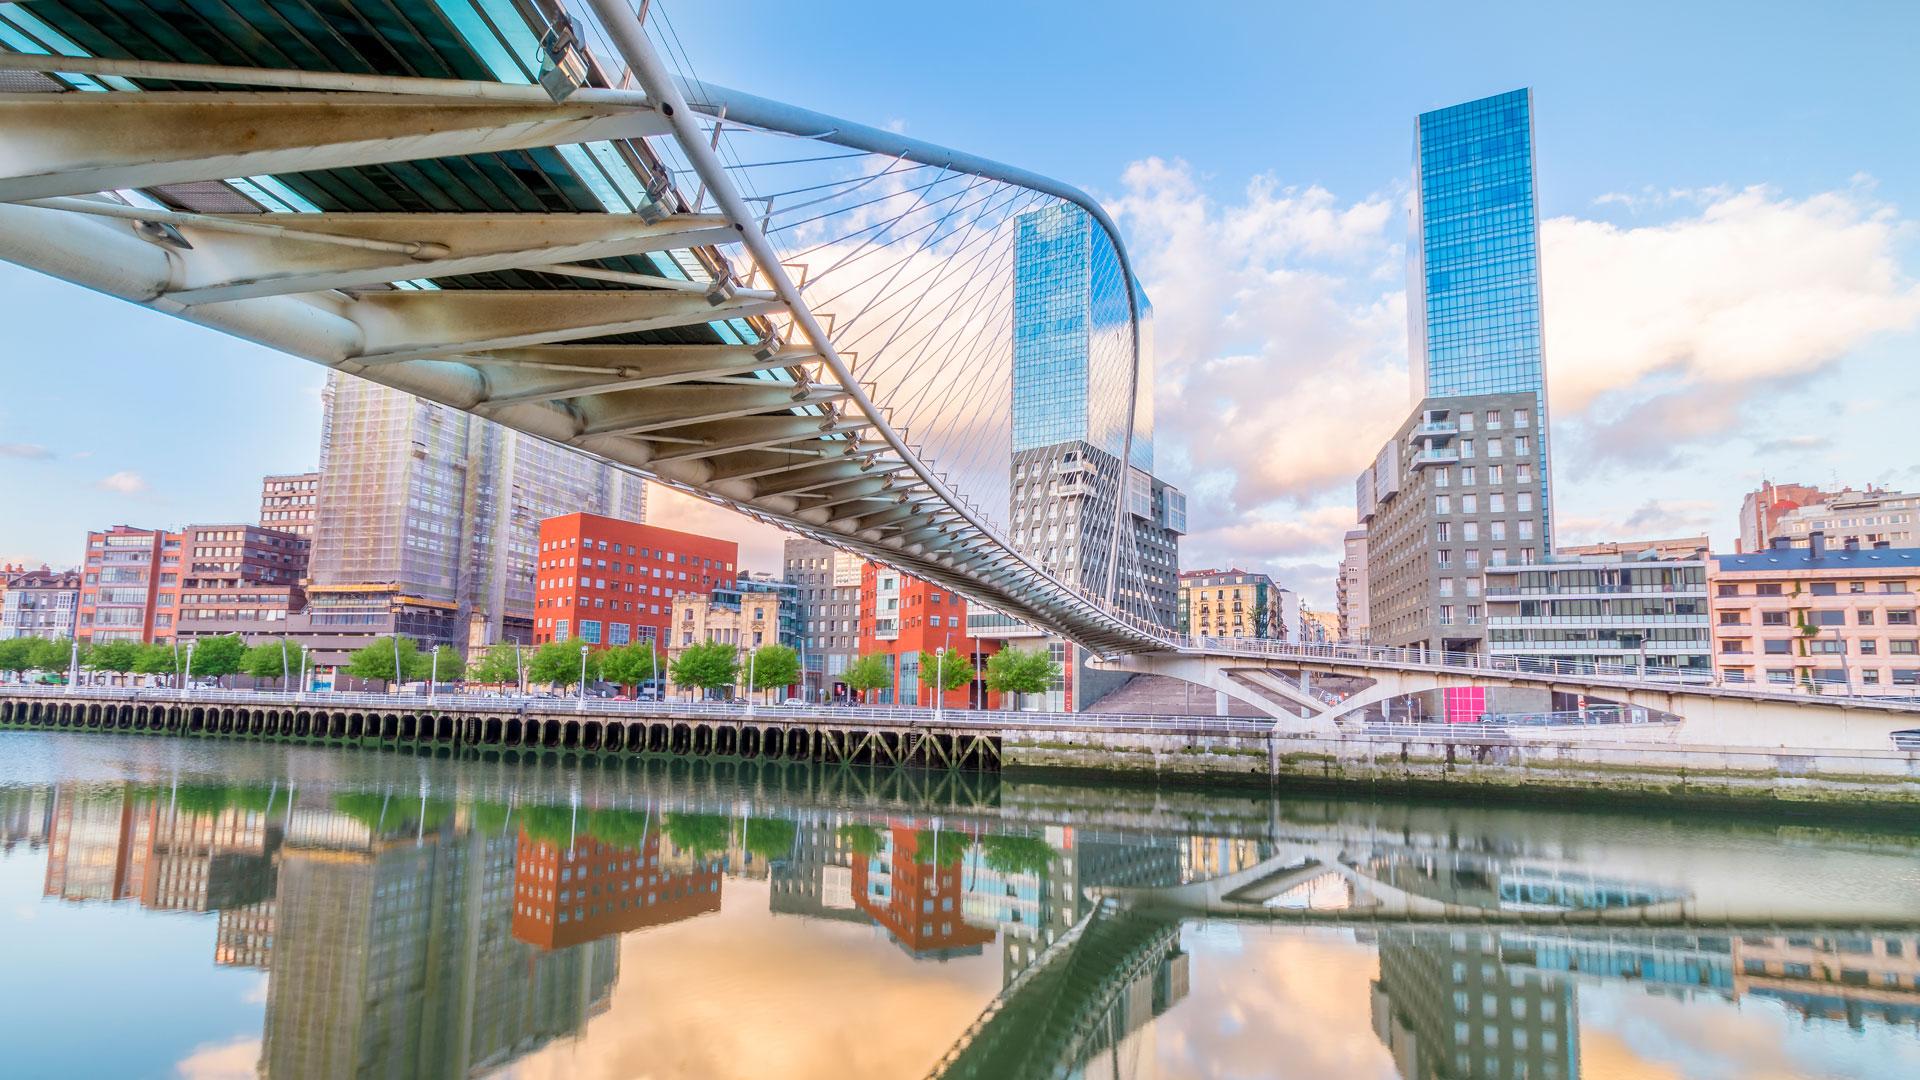 Vista de Bilbao desde el puente Pedro Arrupe en el río Nervión